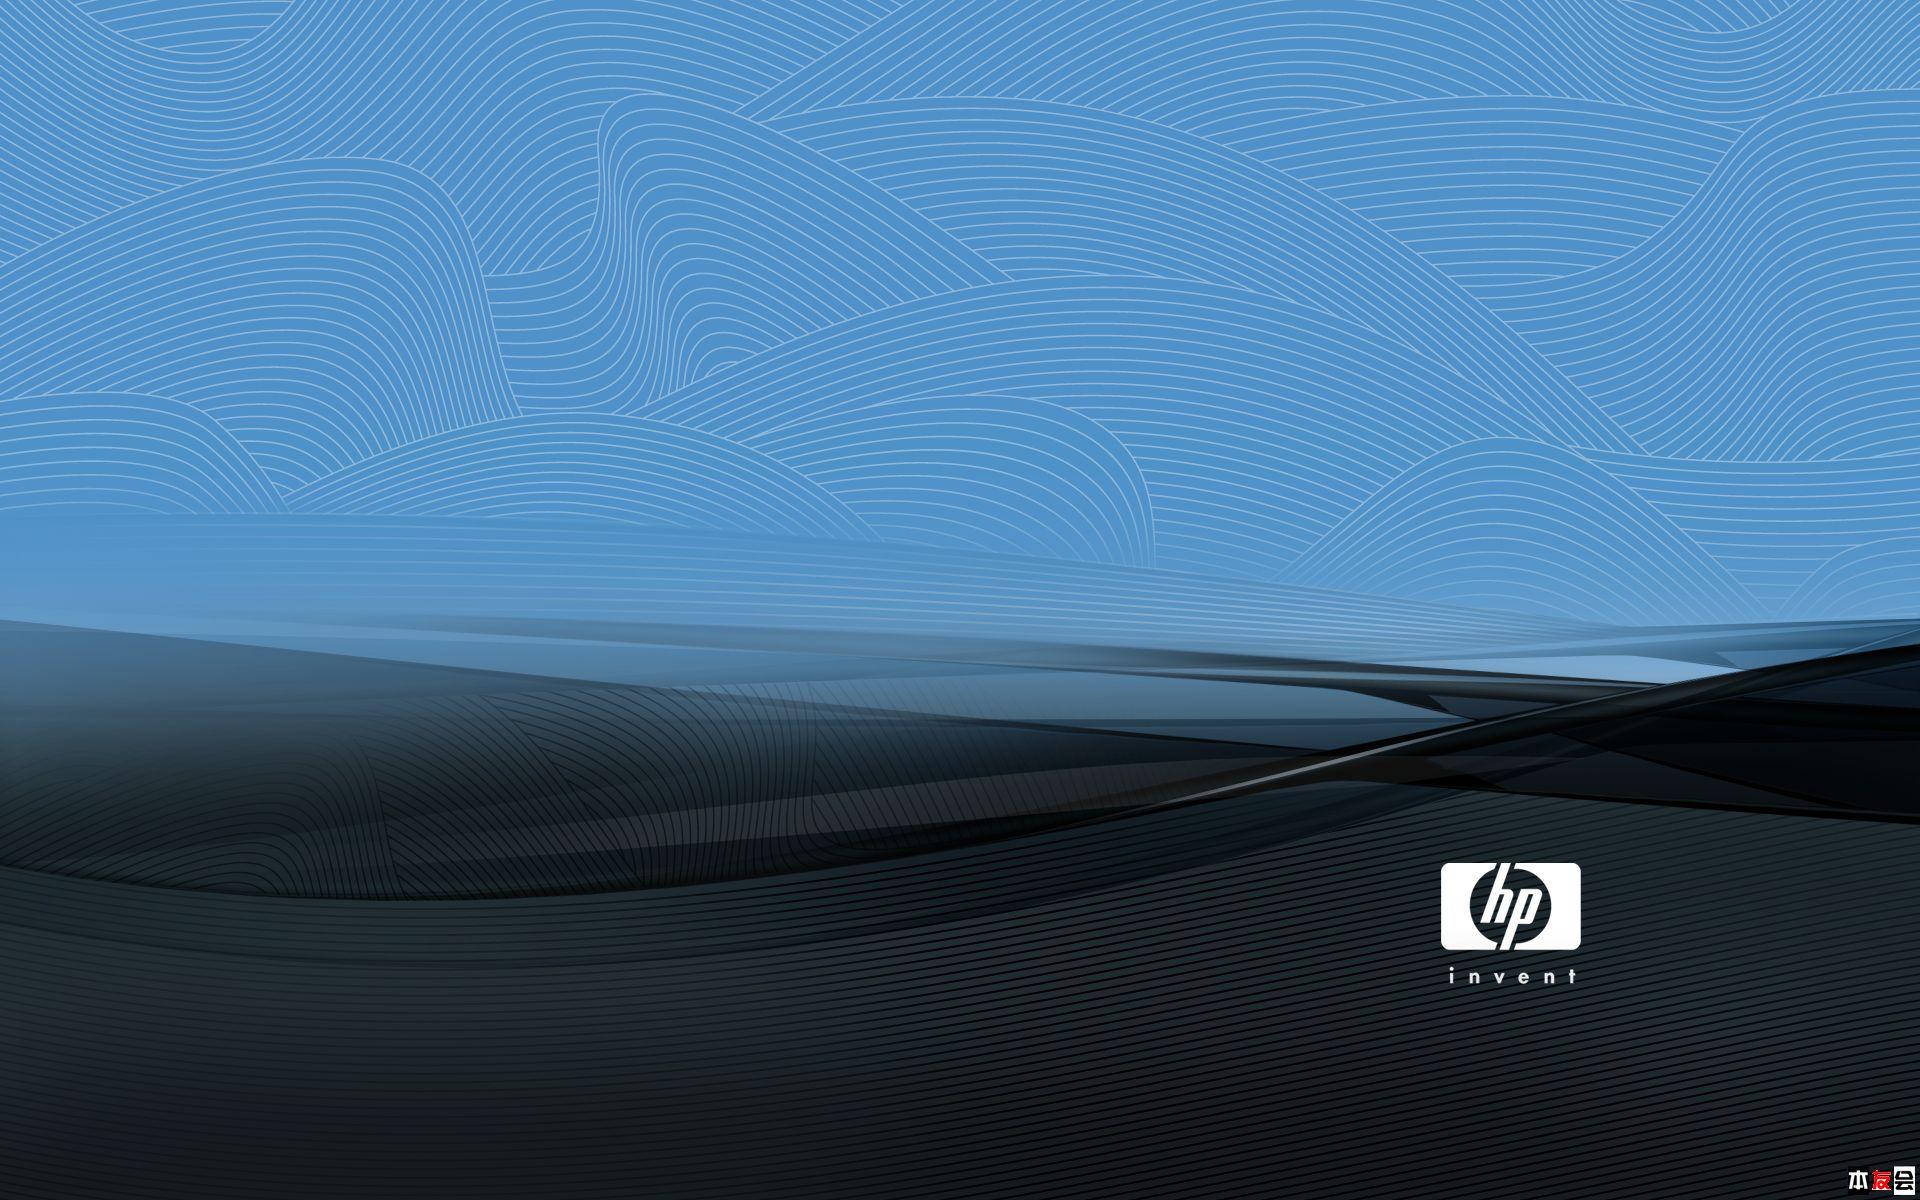 力求完整和质量,hp官方1280×800壁纸67张一次全发